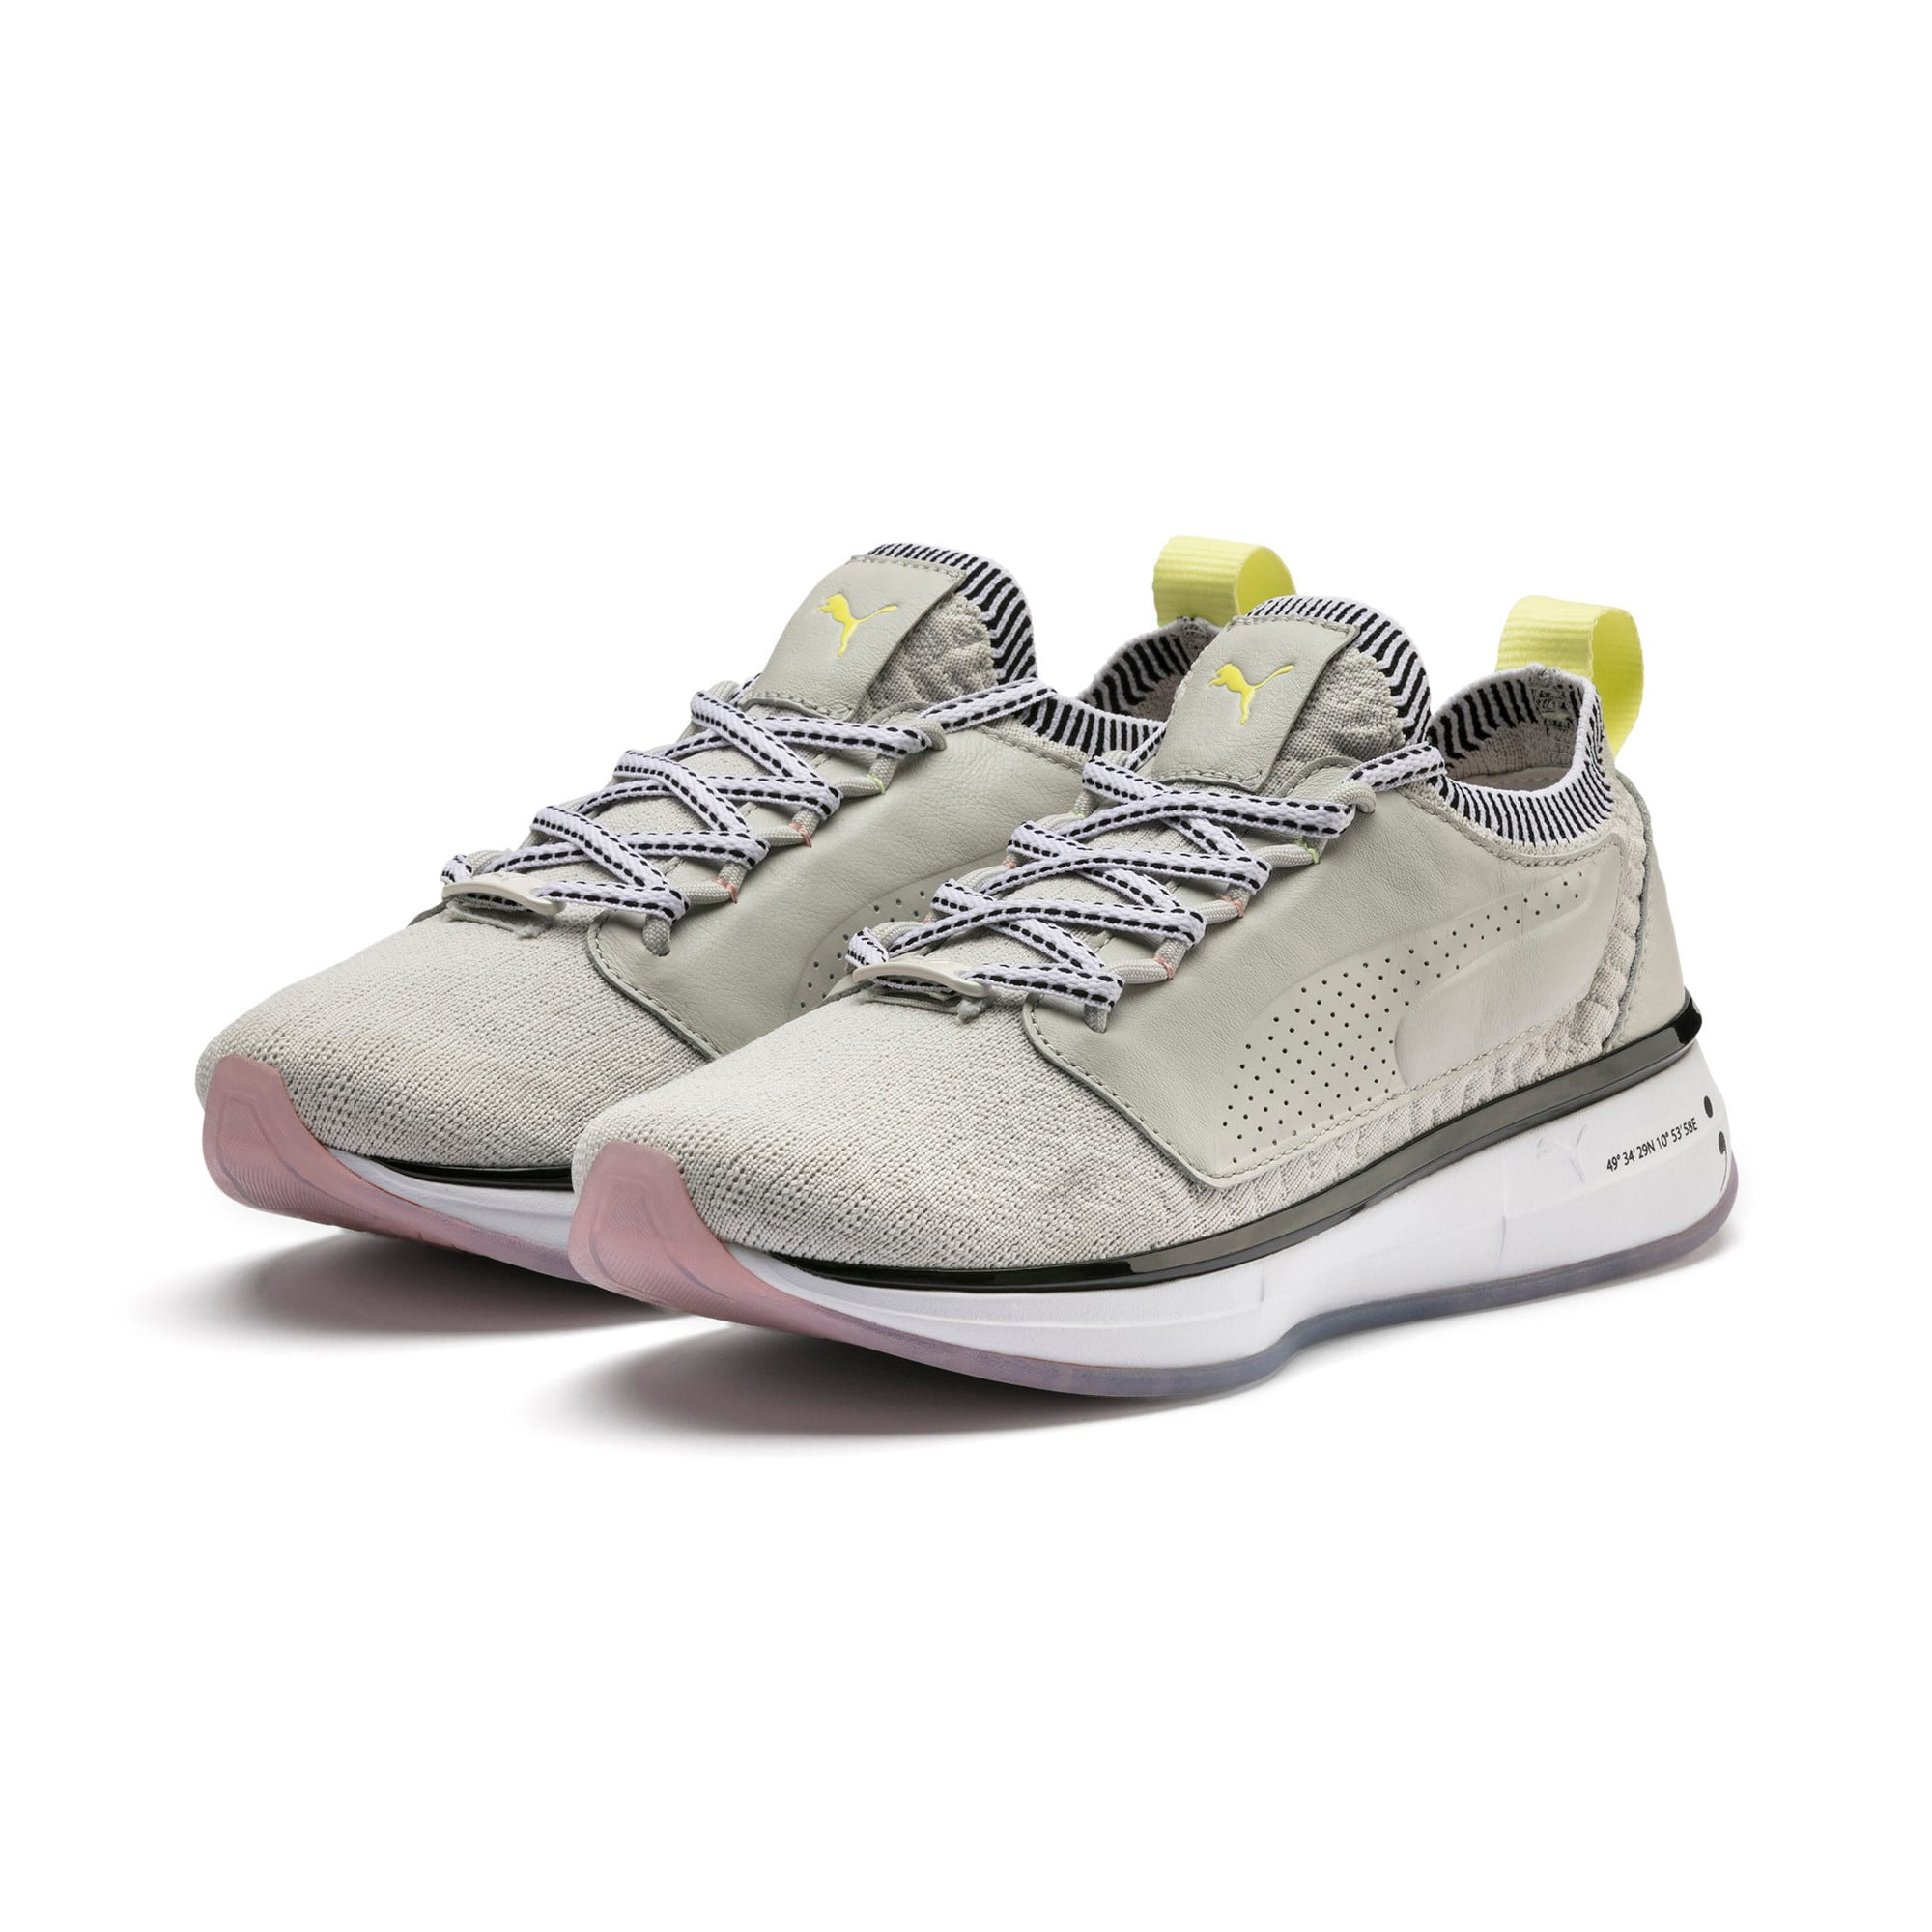 Thumbnail 3 of Chaussure pour l'entraînement PUMA x SELENA GOMEZ Runner pour femme, Glacier Gray-Puma White, medium